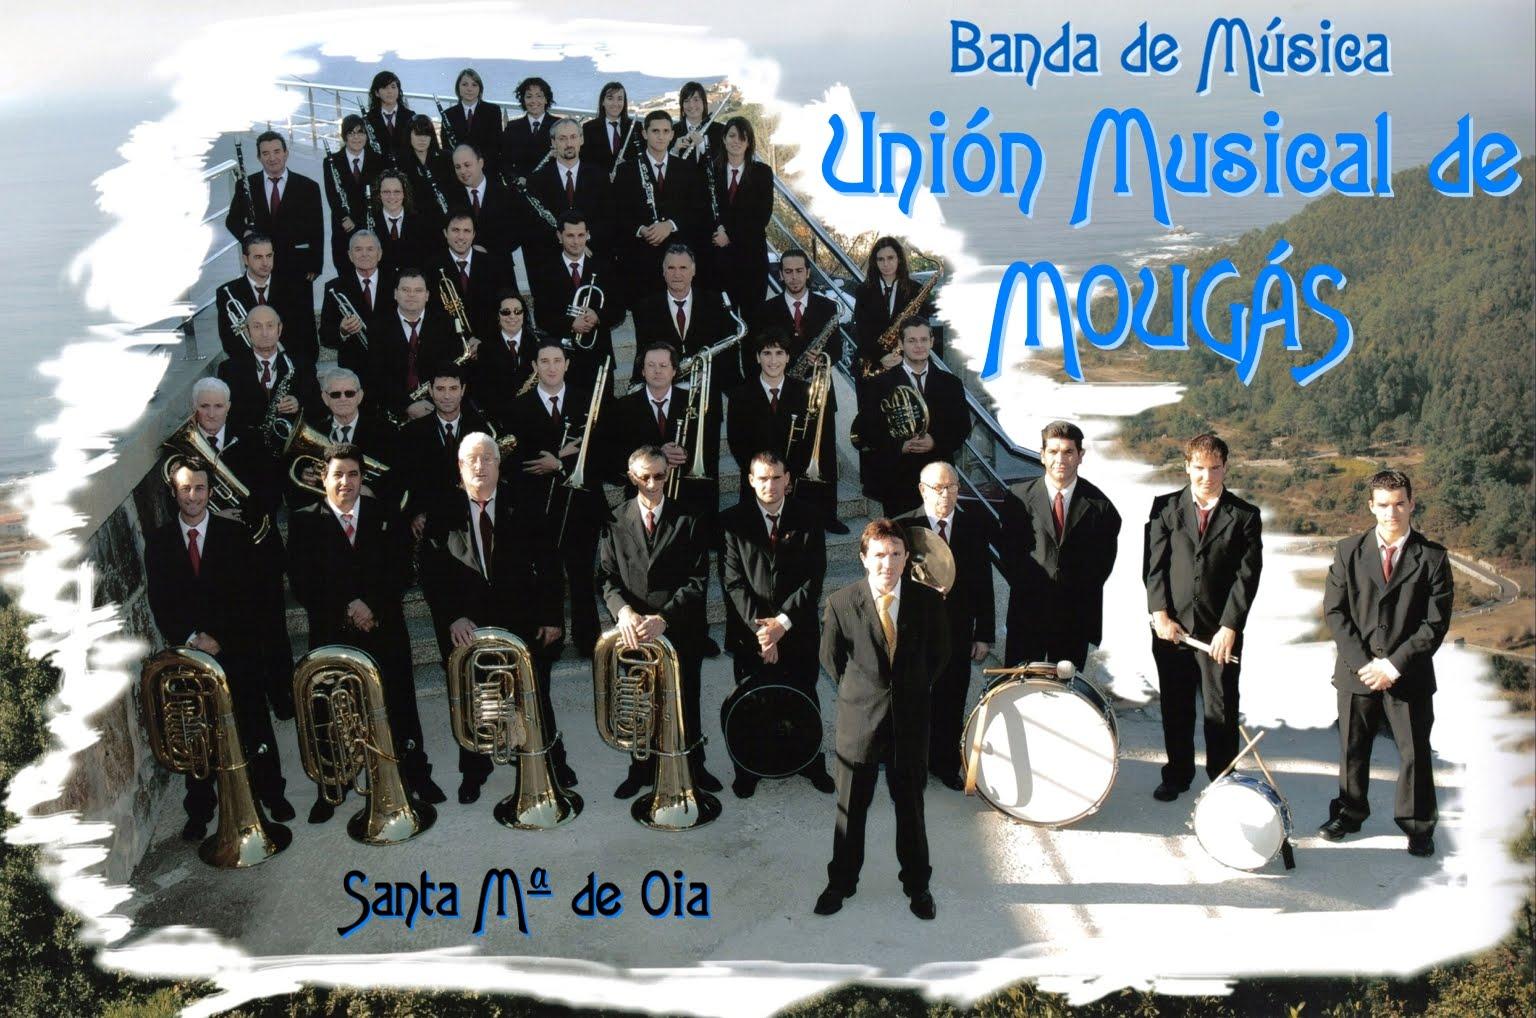 Banda Unión Musical de Mougás